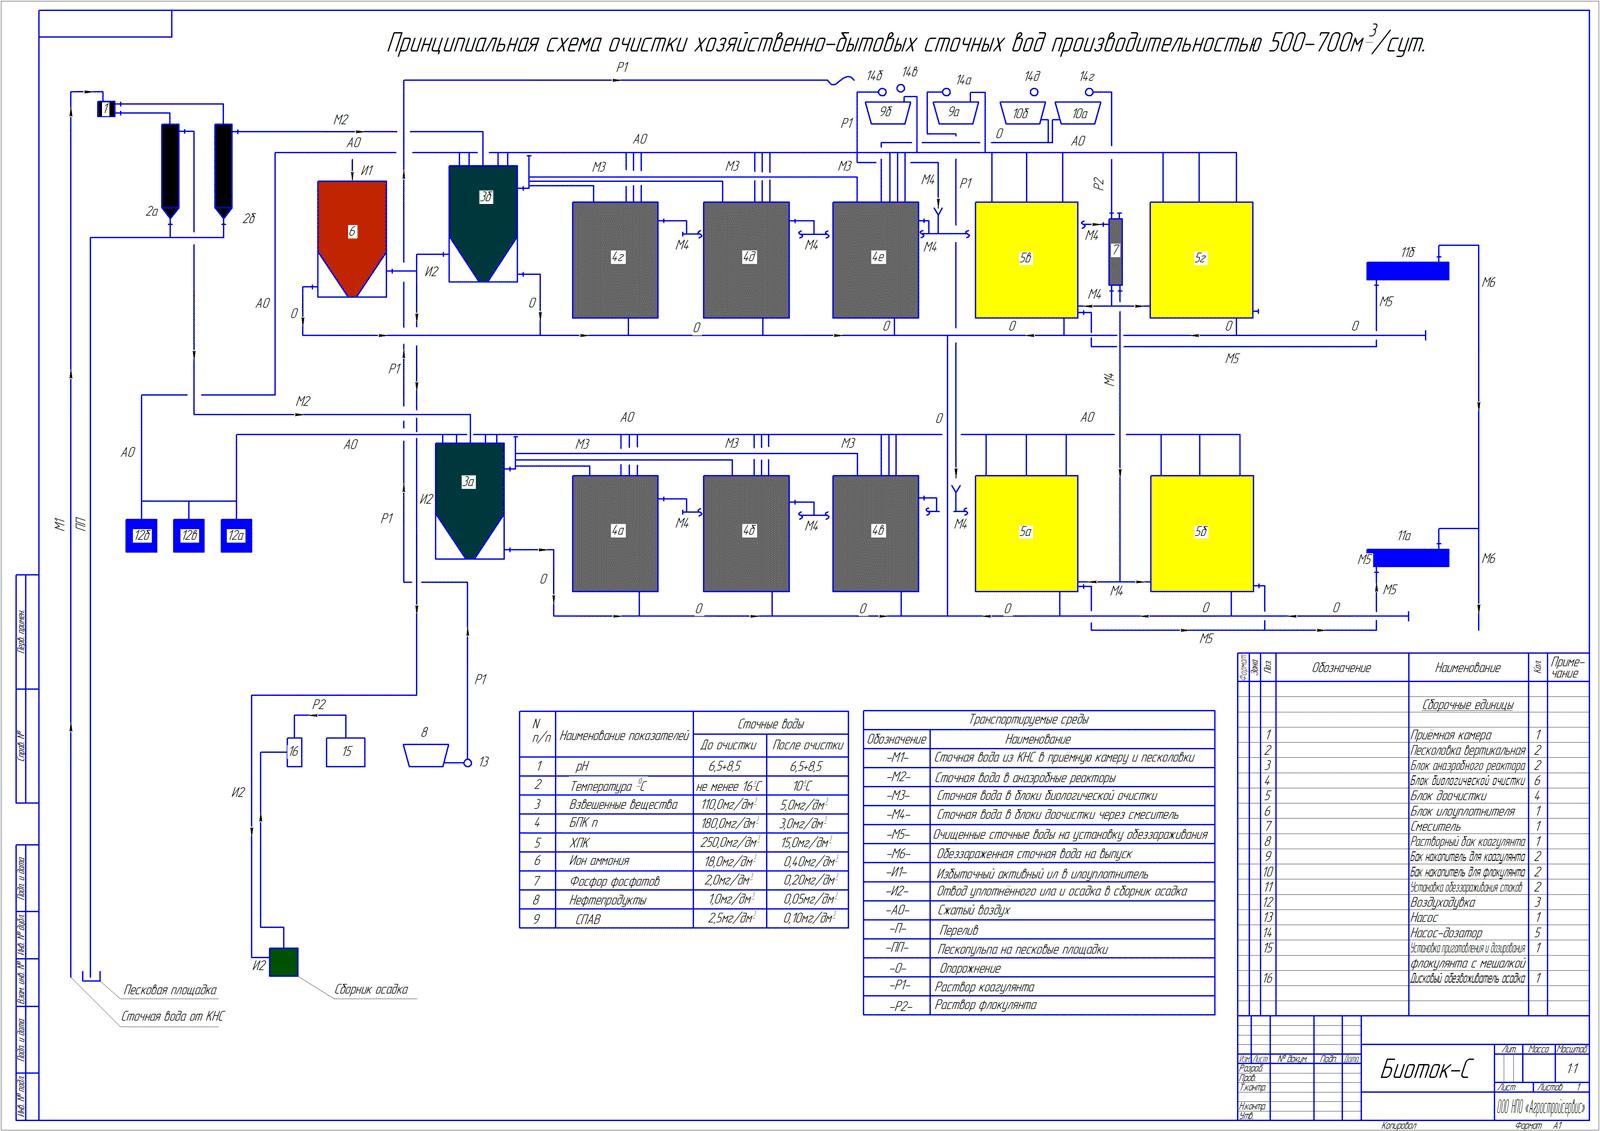 Люберецкие очистные сооружения - Мосводоканал